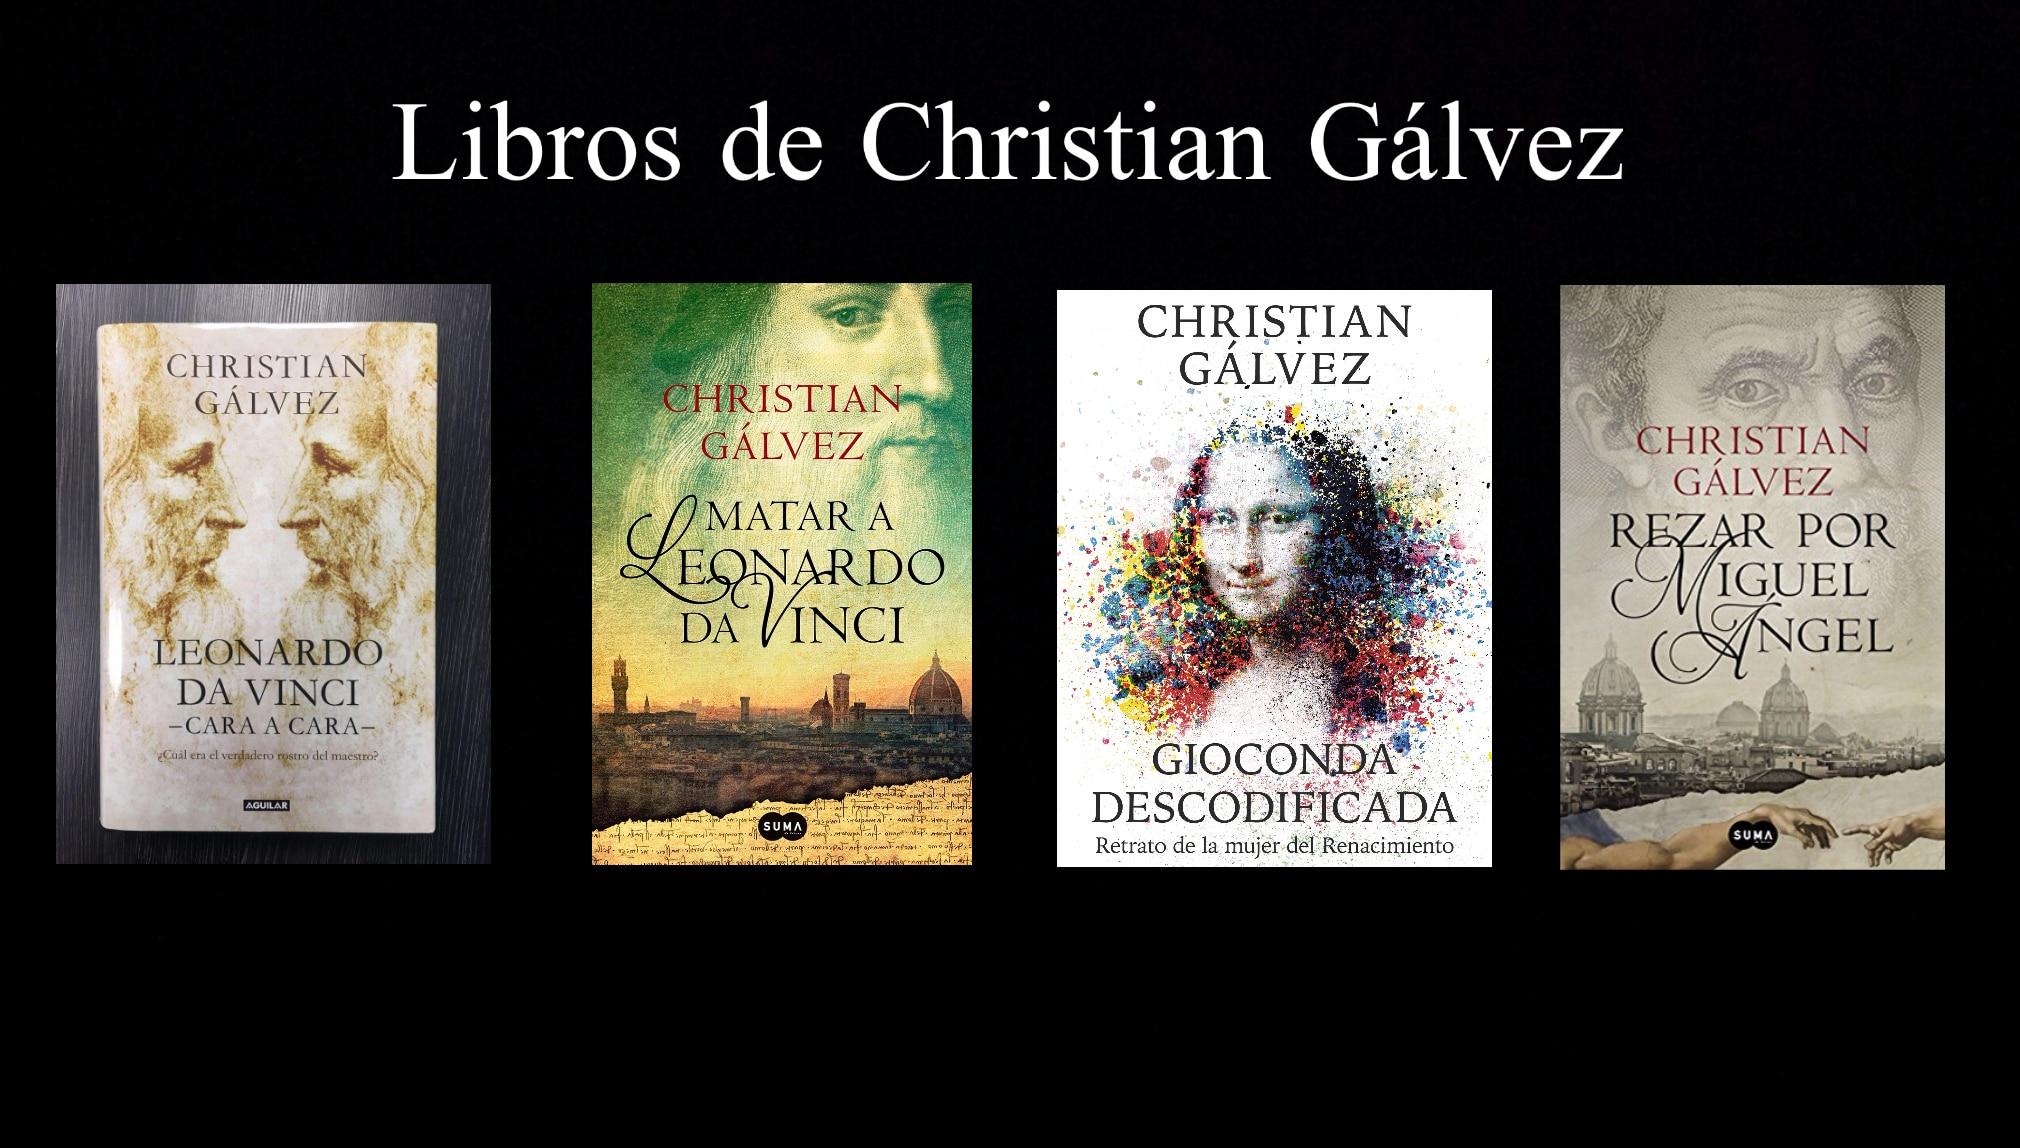 Libros de Christian Gálvez.